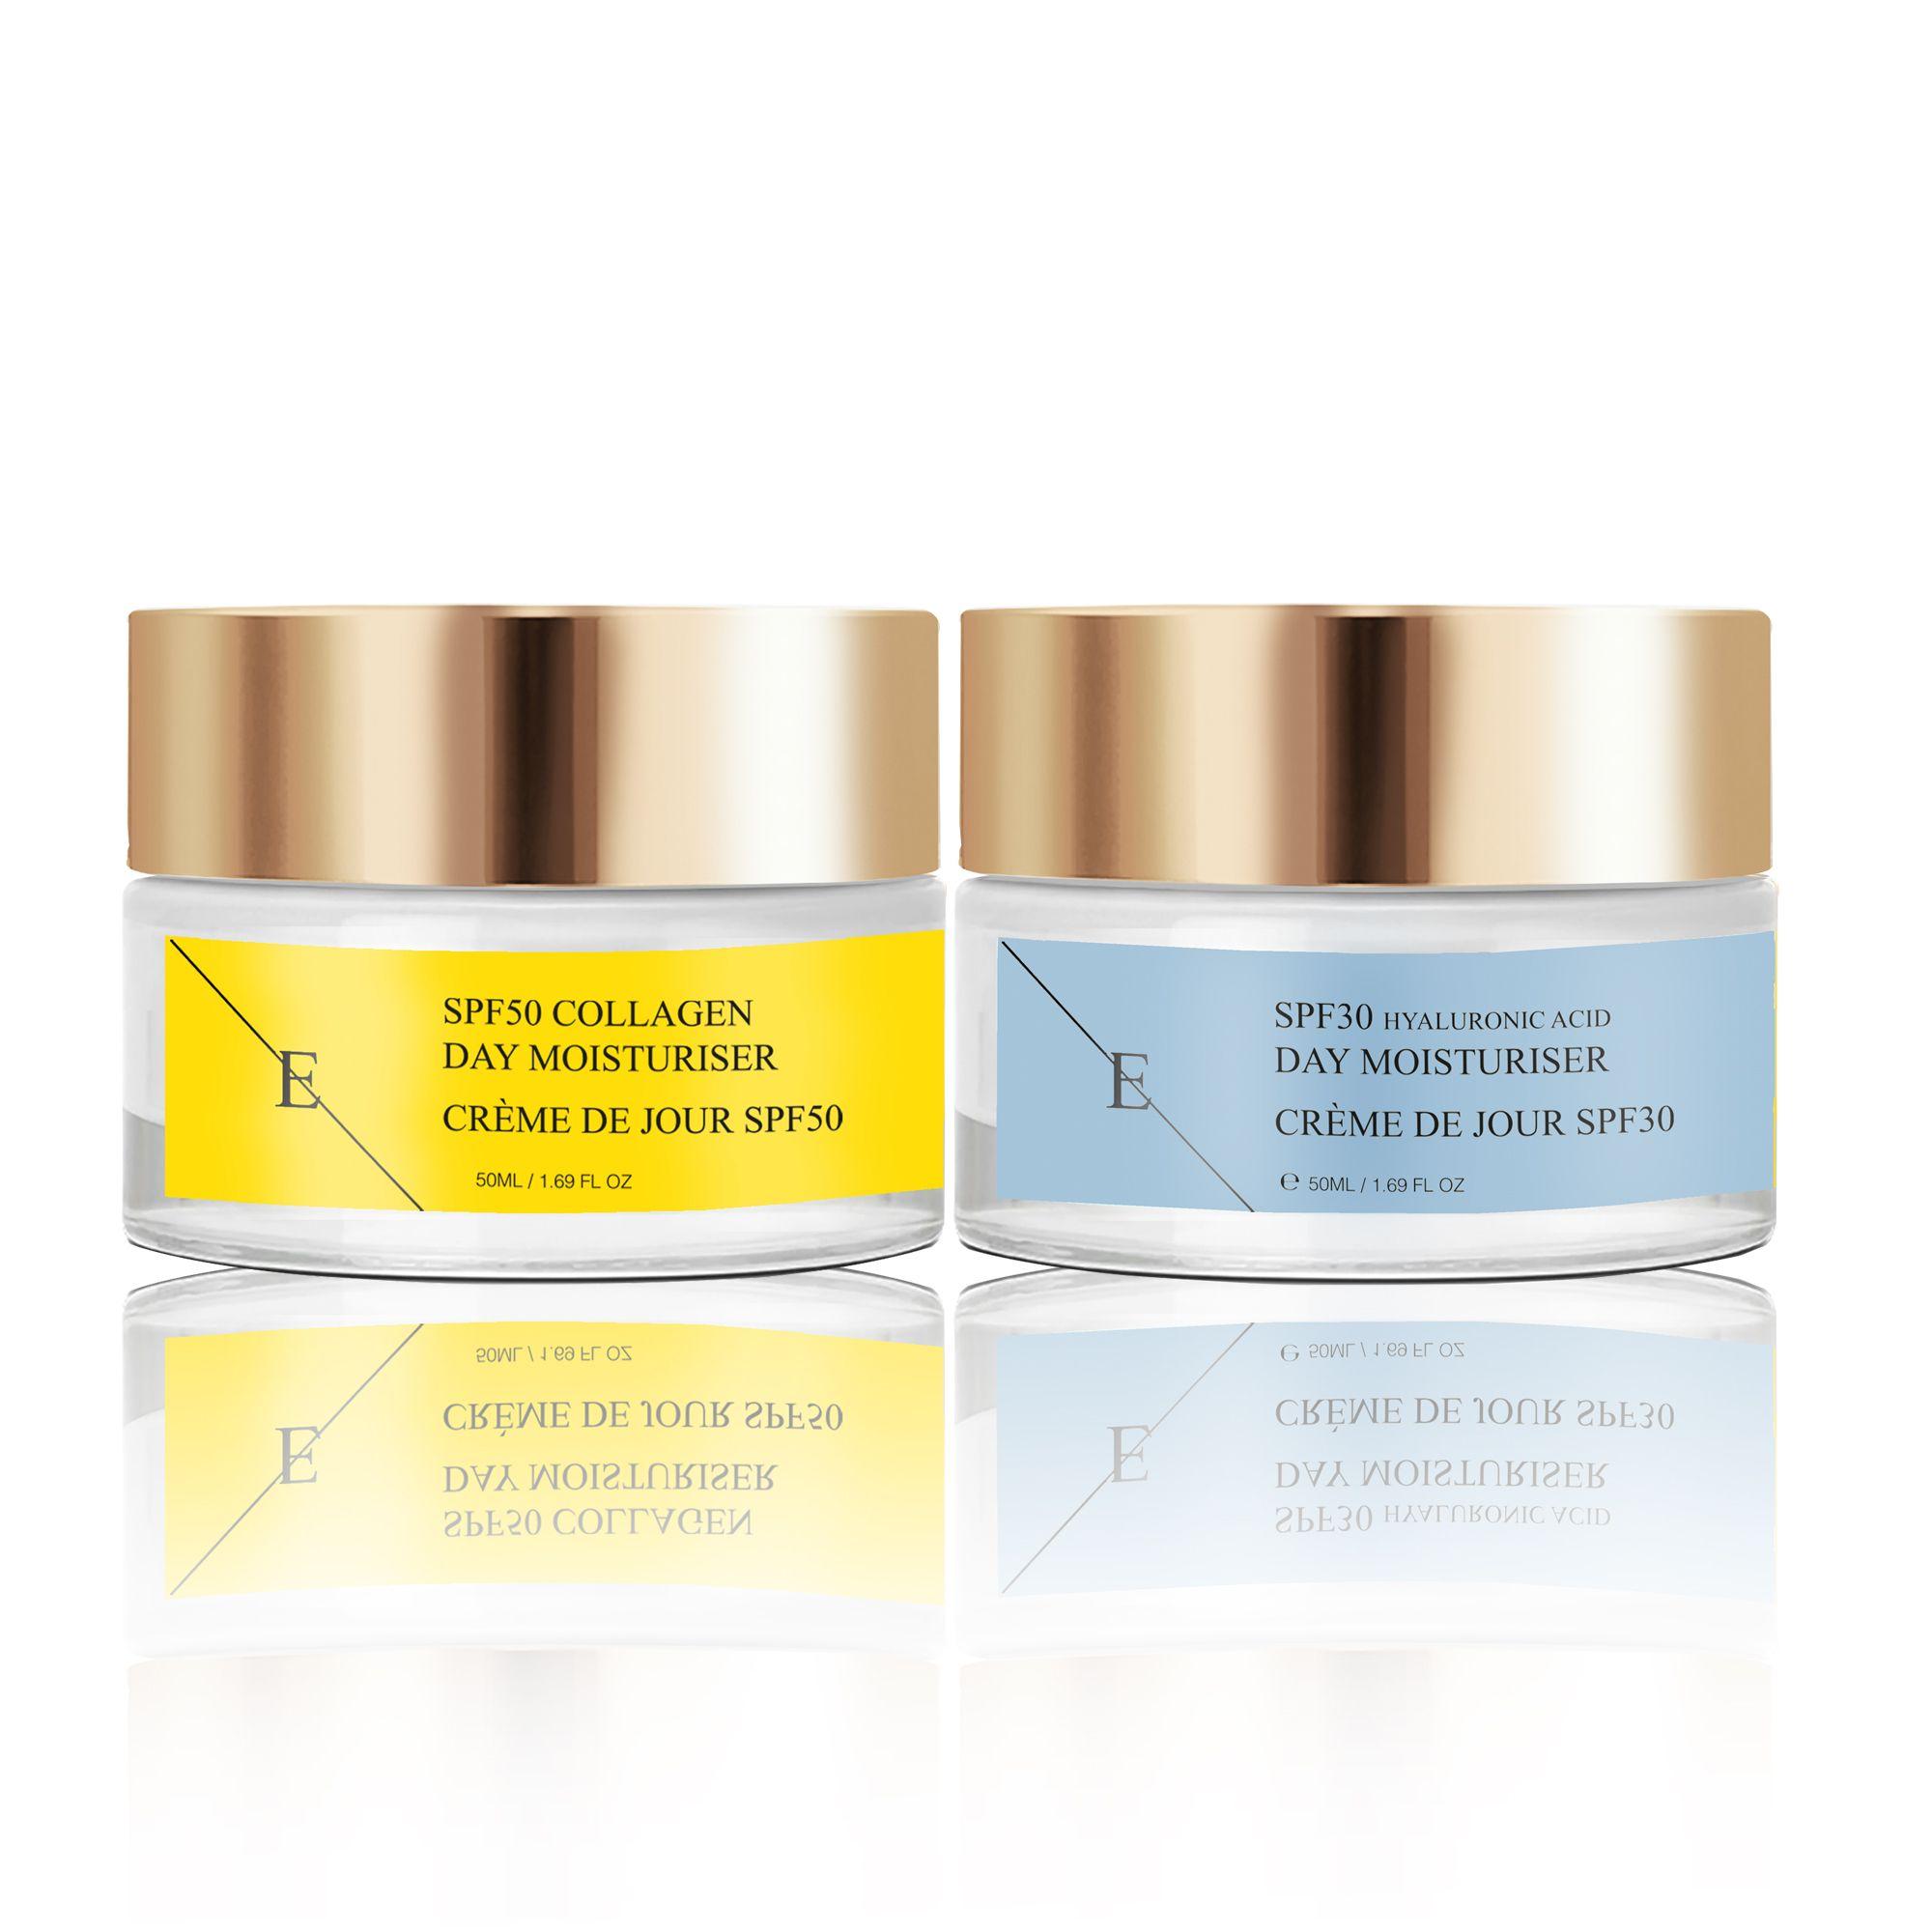 Retinol + Caviar Moisturiser 50ml + SPF50 Collagen Day Cream 50ml